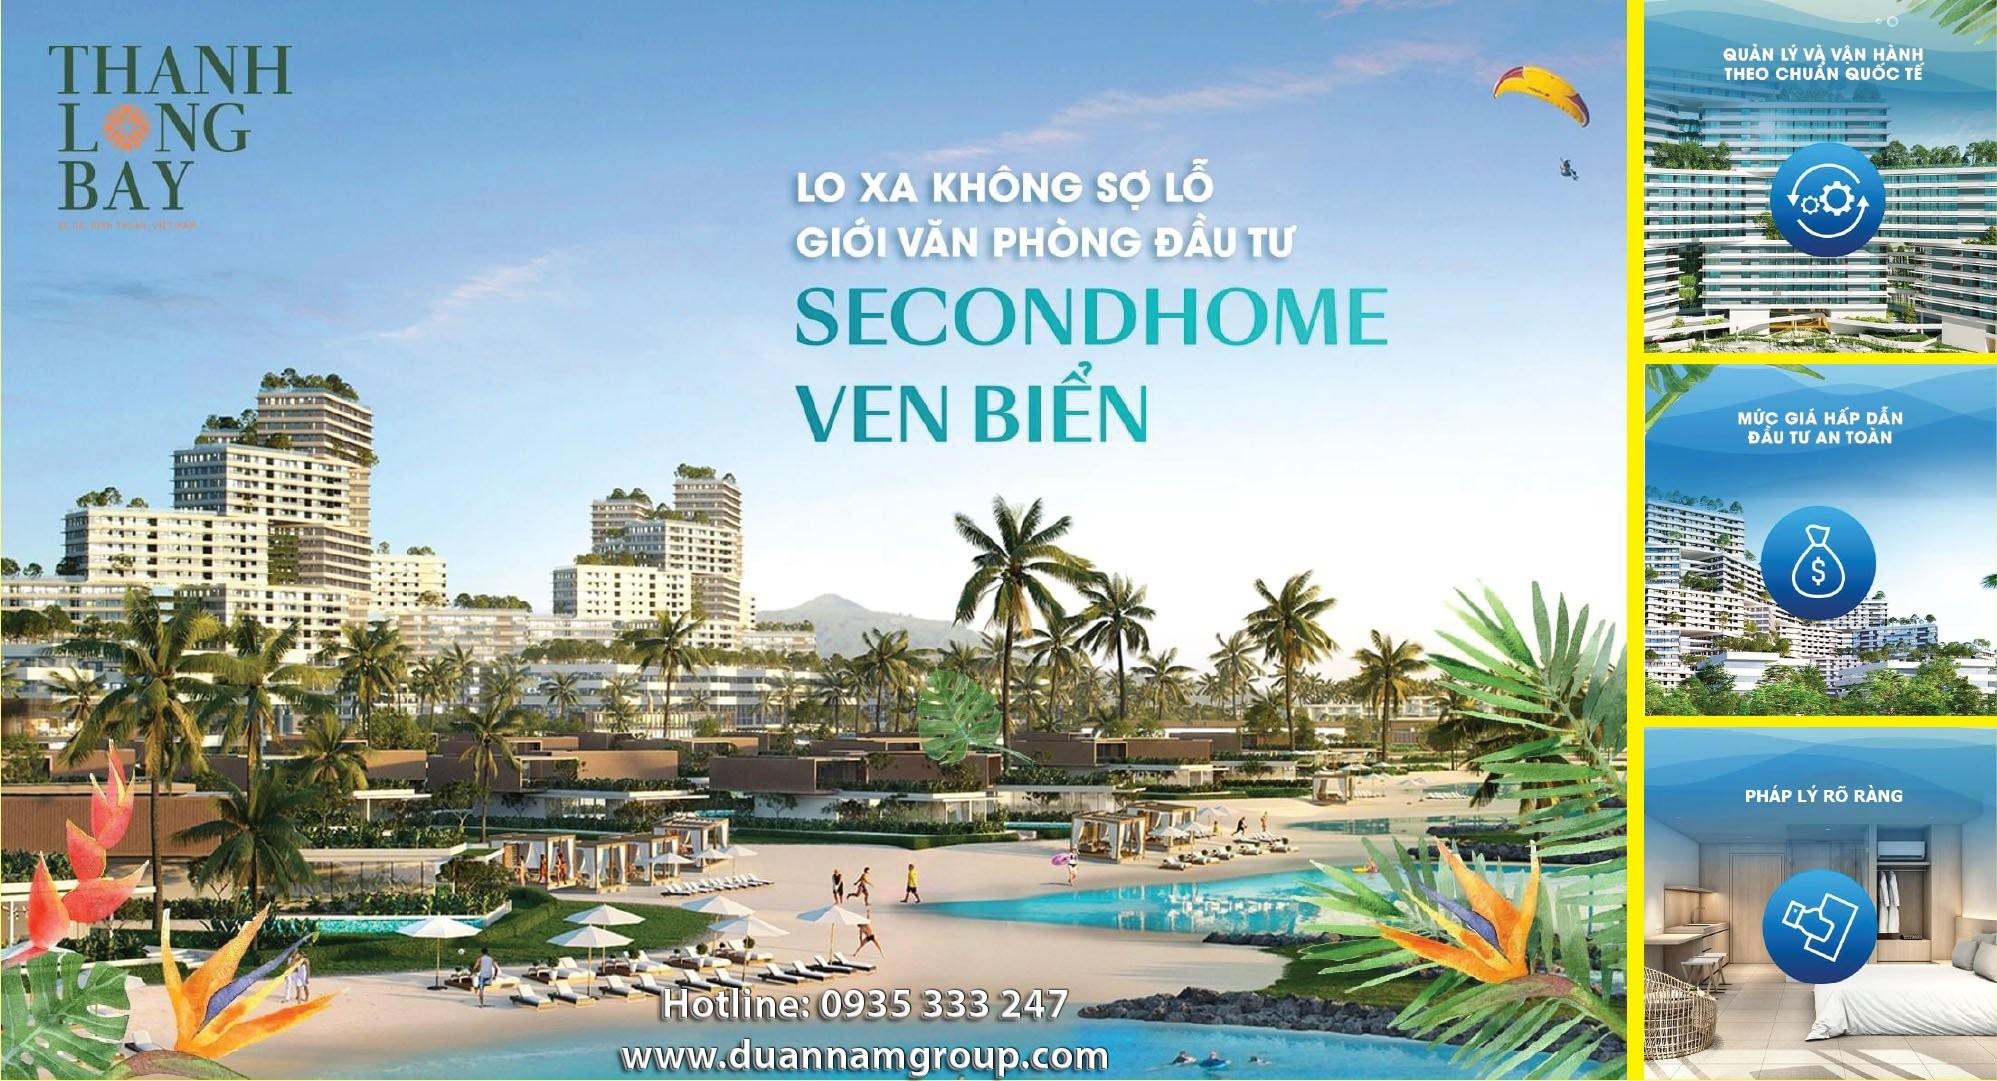 Bài Toán đầu tư Thanh Long Bay